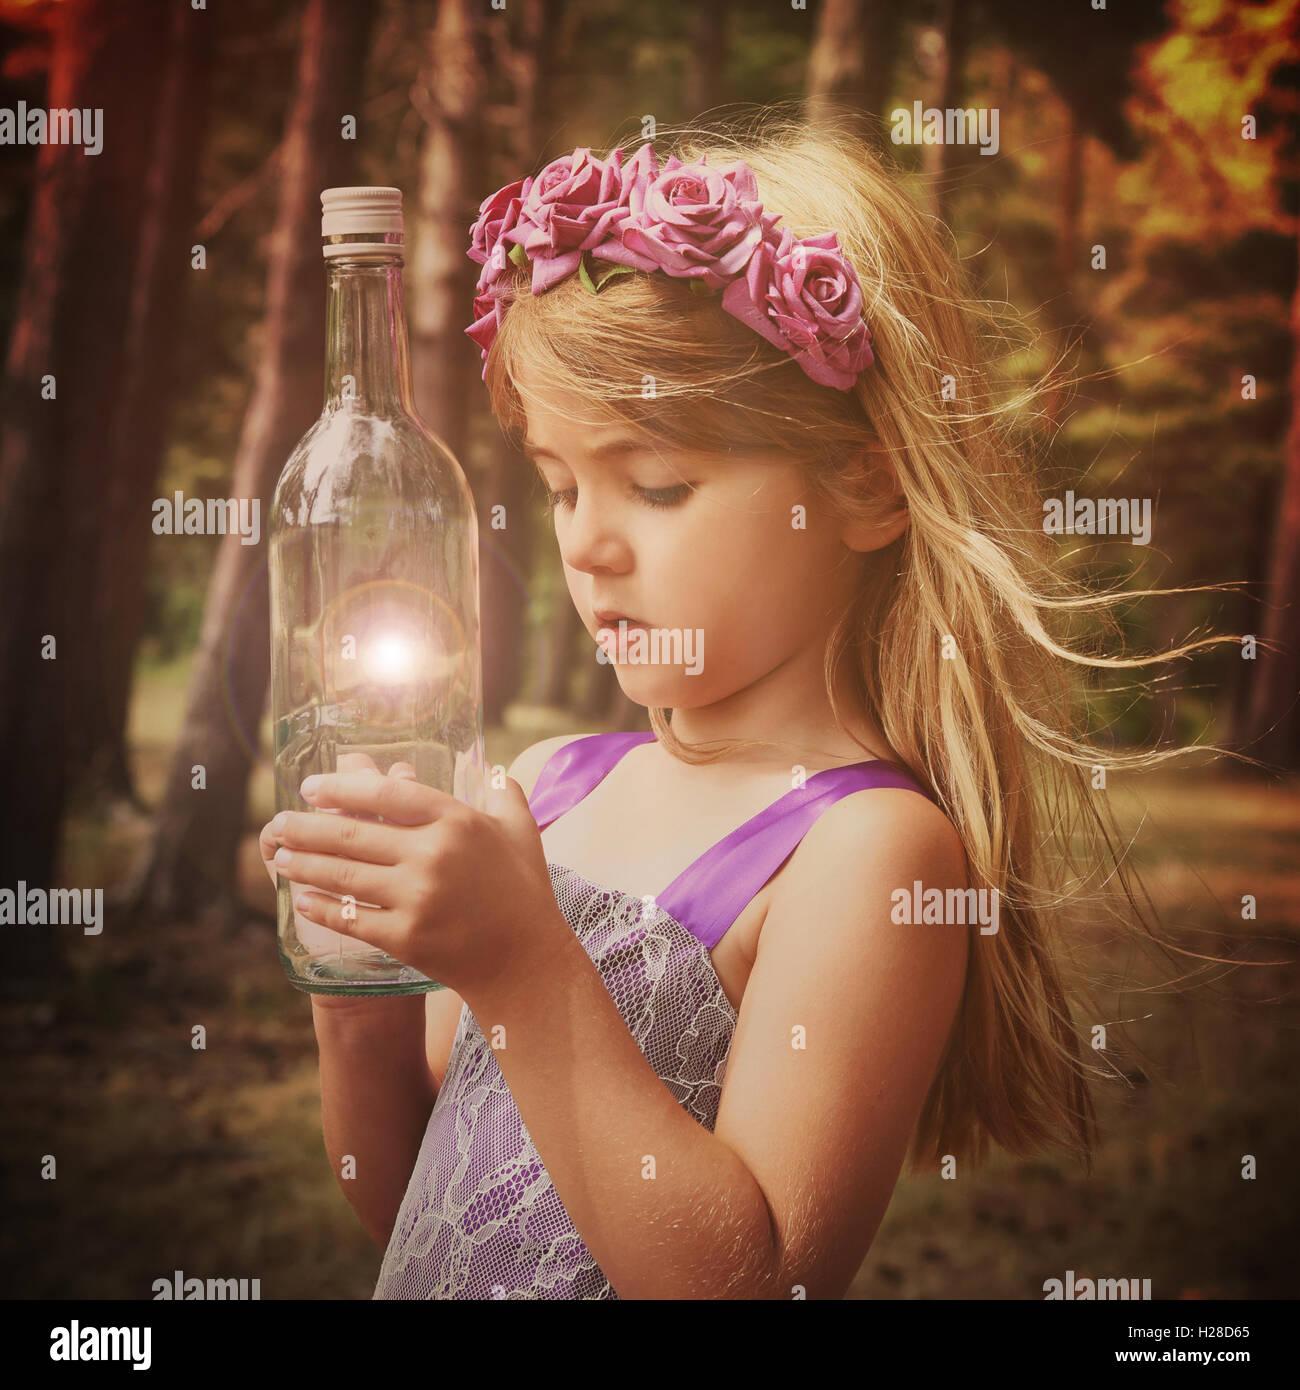 Un poco fairy chica está en el bosque con mirar una botella mágica para un concepto de fantasía o imaginación. Foto de stock